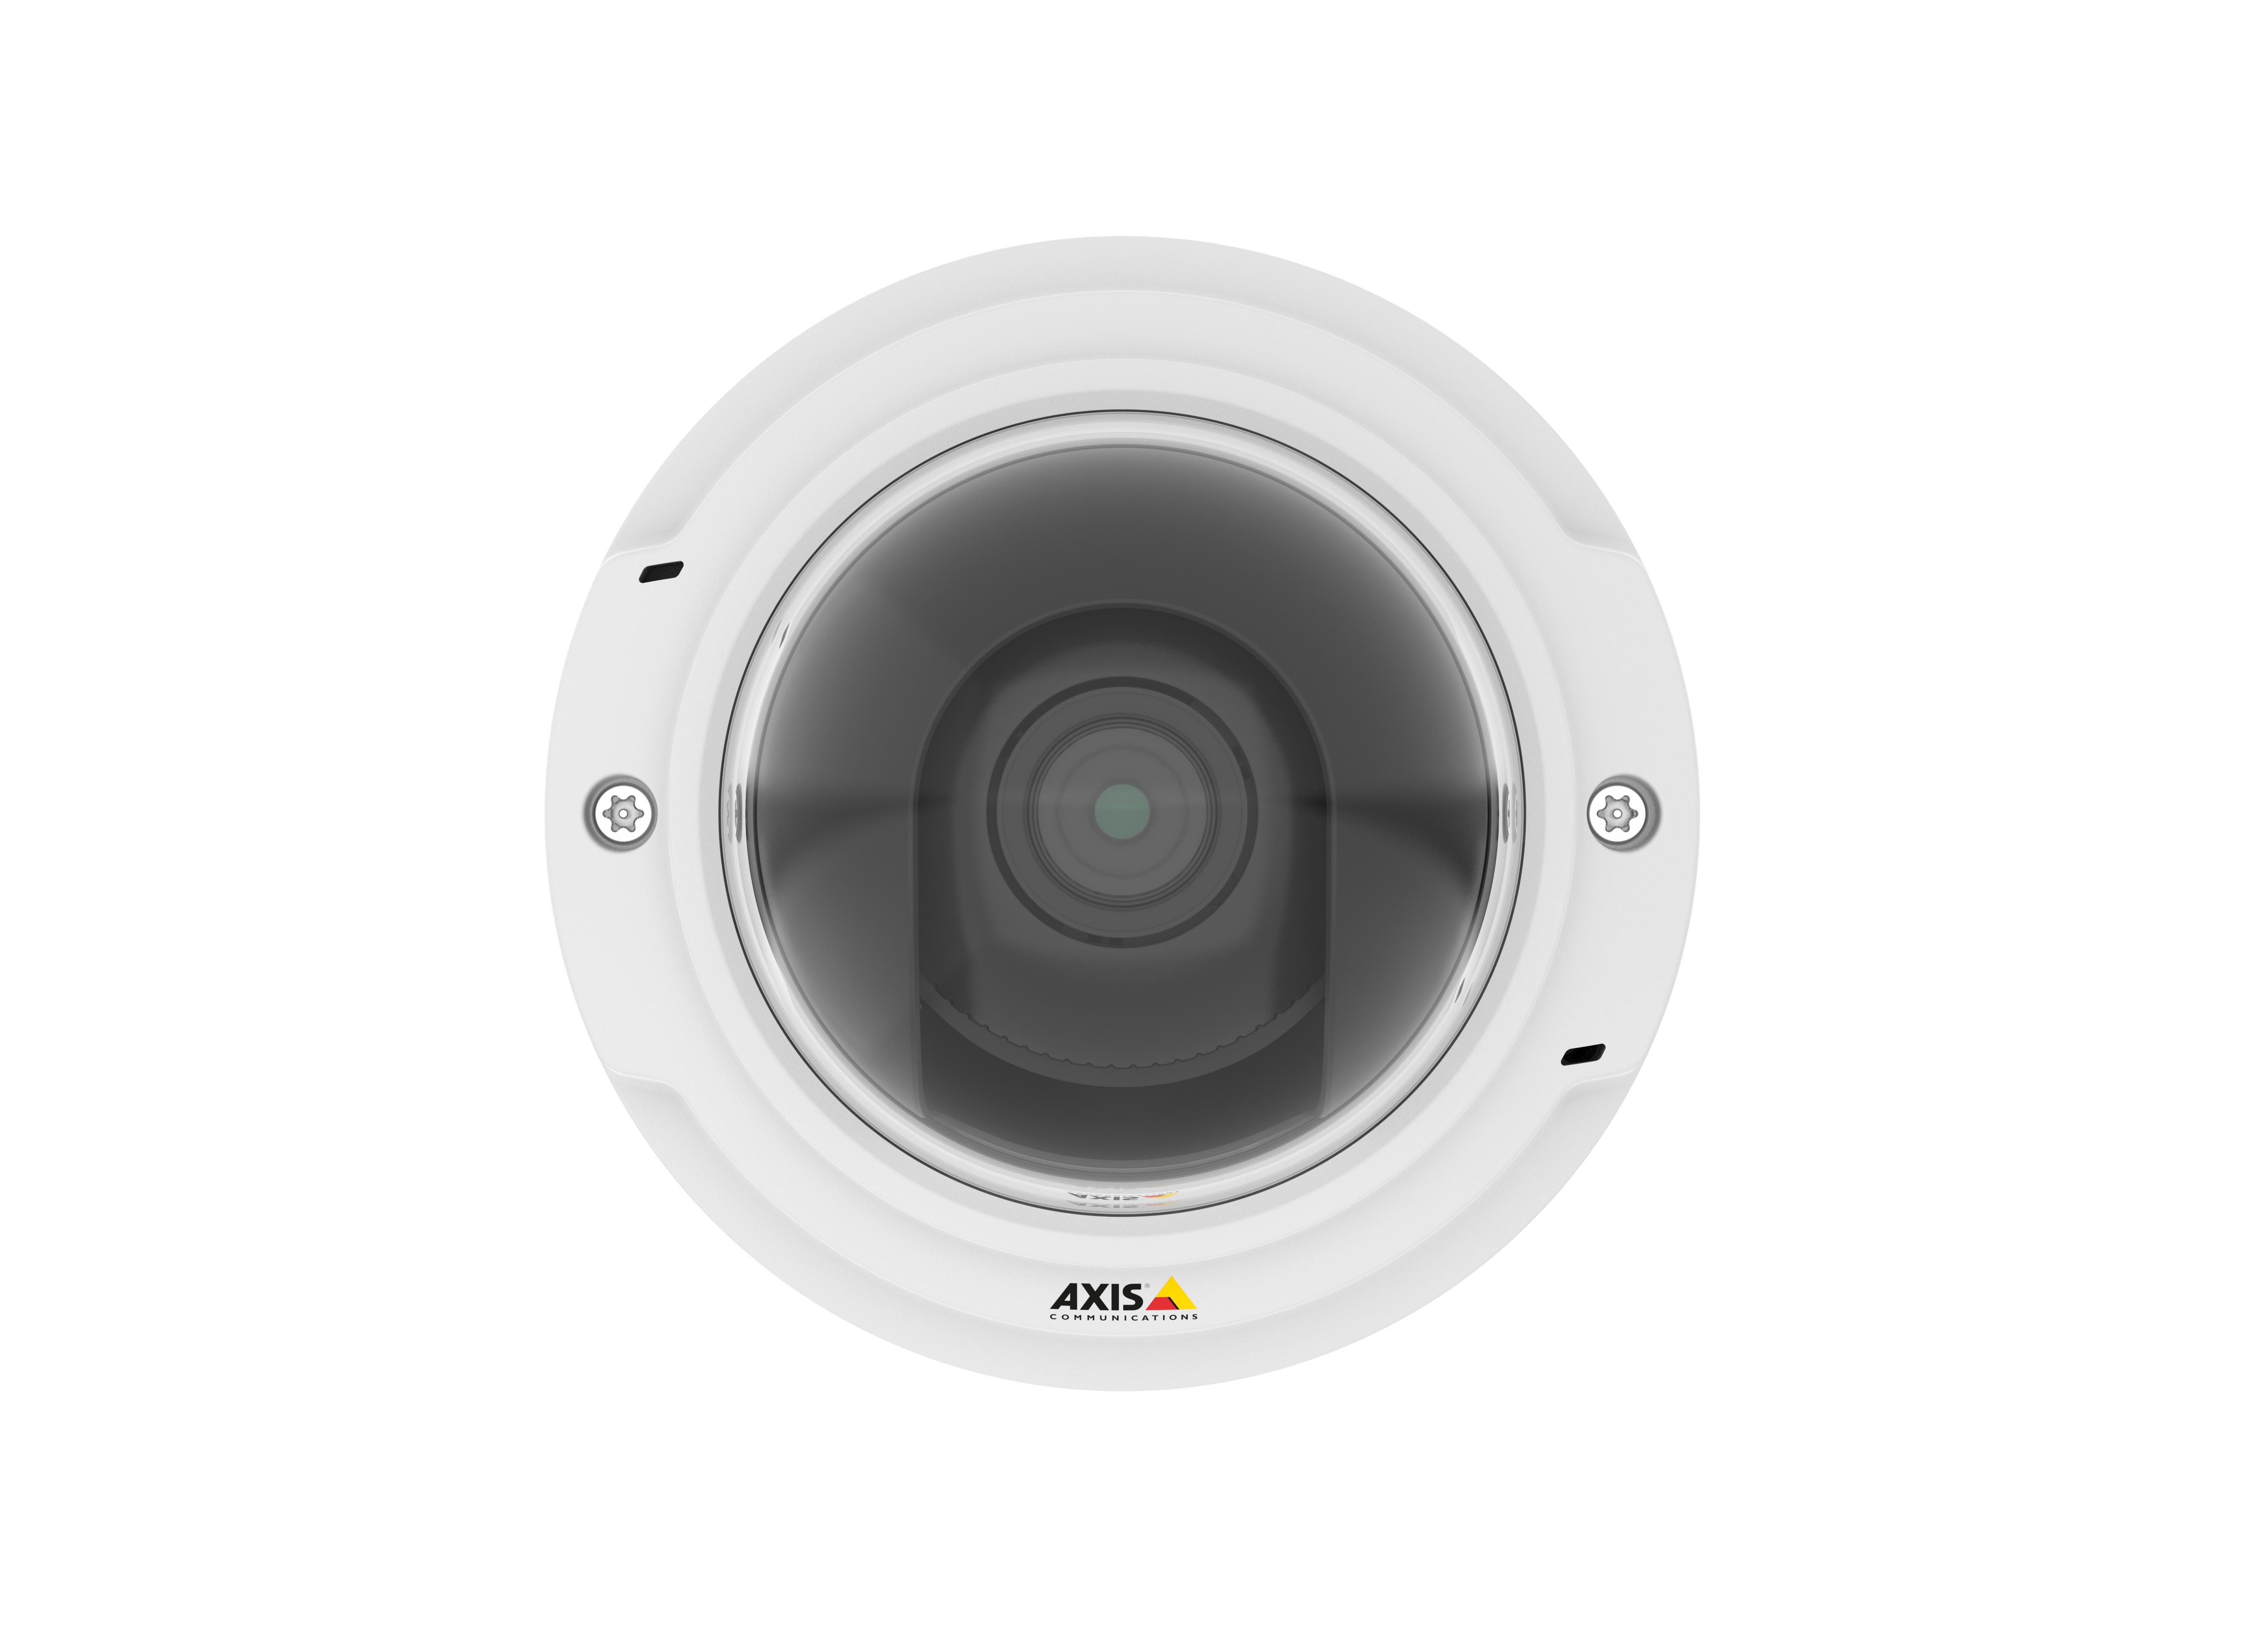 AXIS P3374-V